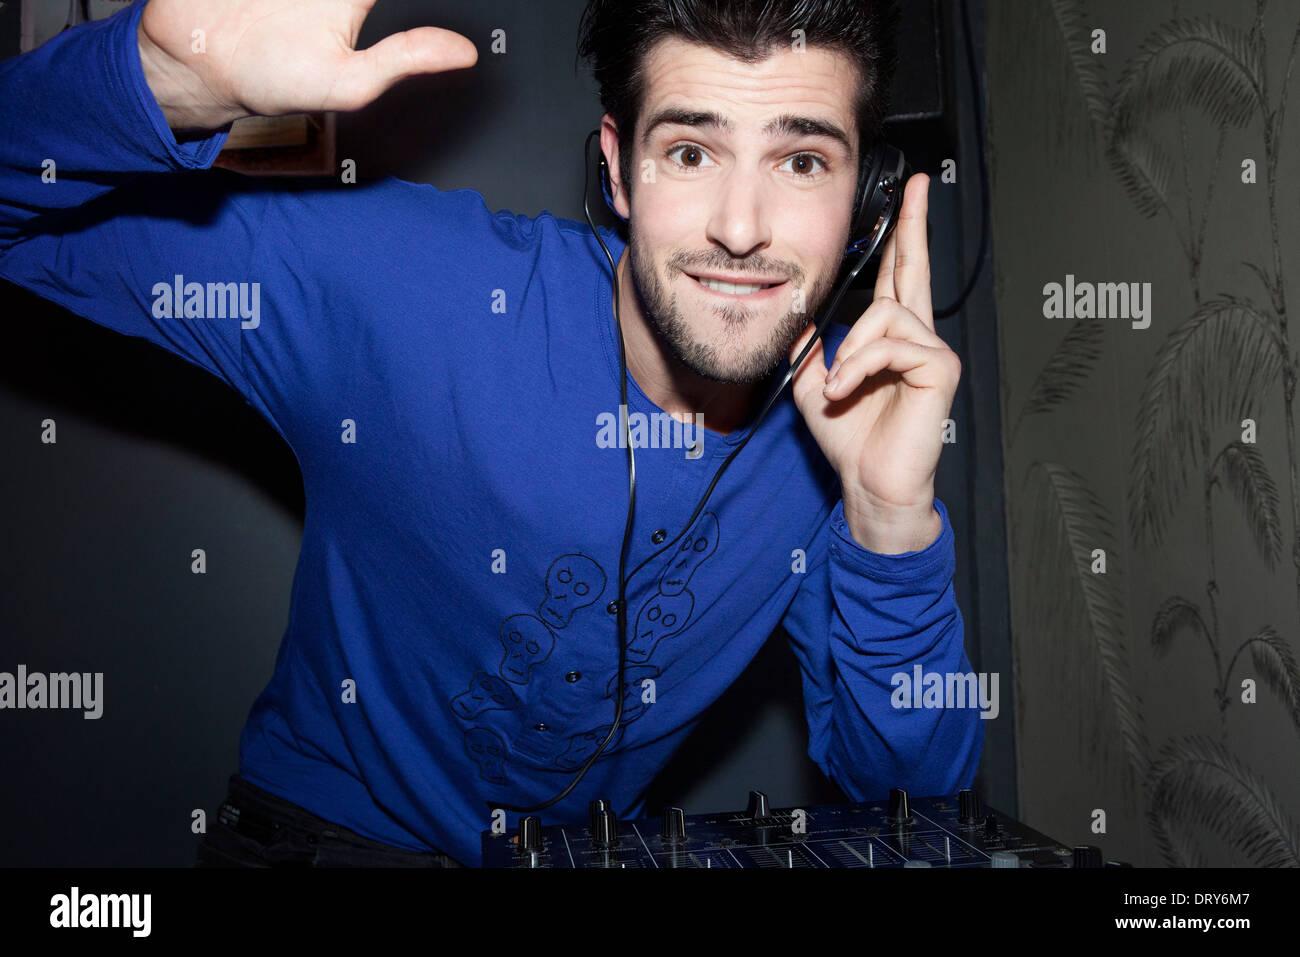 DJ utilizando auriculares de audio y mezclador, Retrato Foto de stock